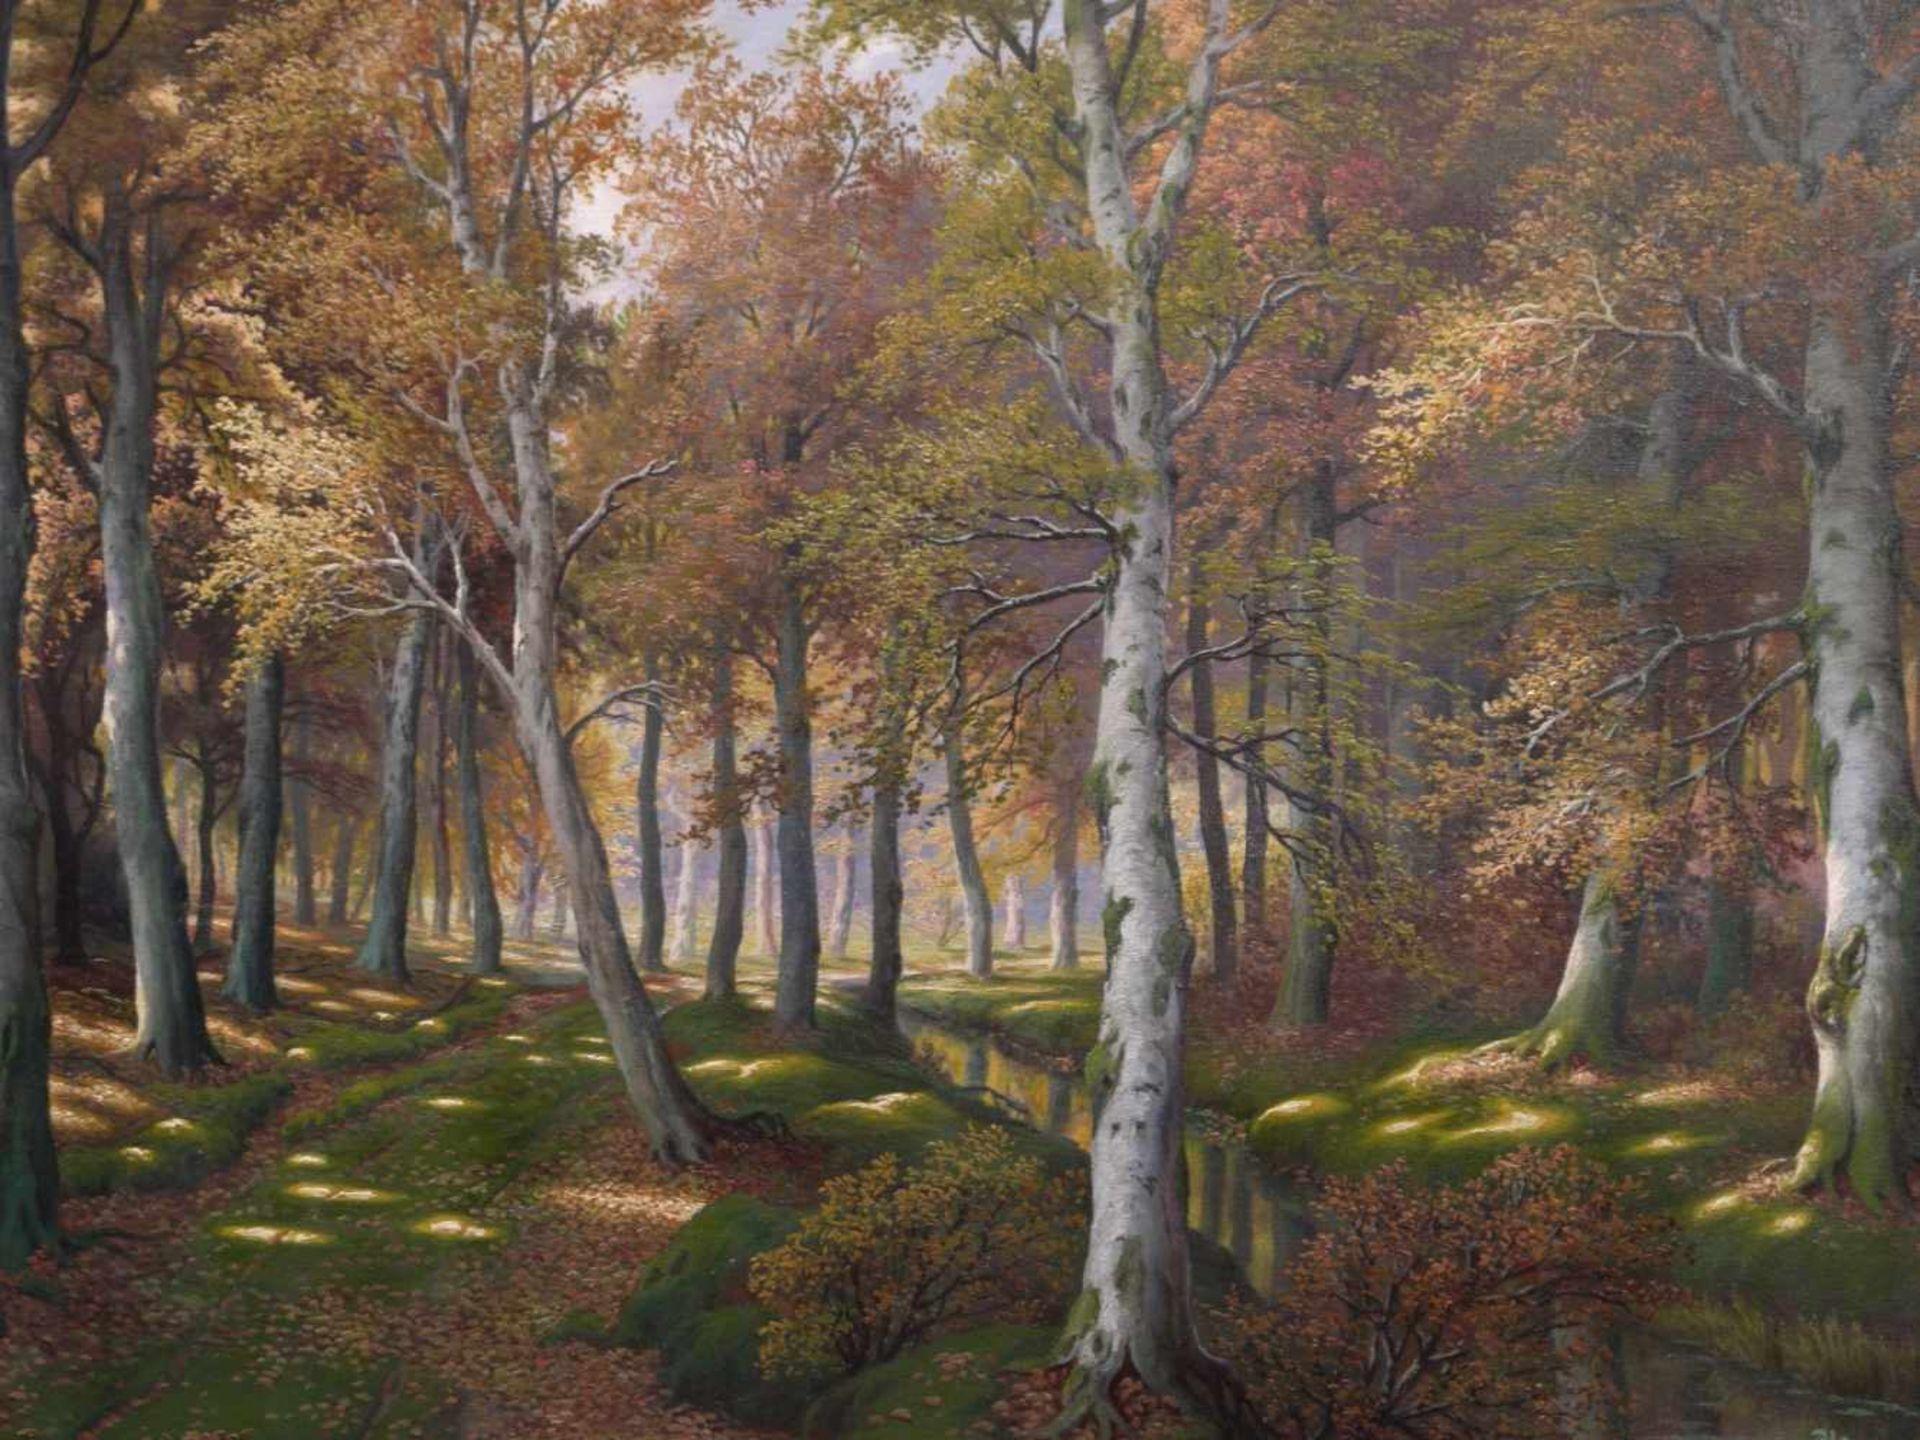 Schmidt, Gustav (1888-1972) - Lichter LaubwaldEin von hellem Licht durchfluteter Laubwald in - Bild 3 aus 7